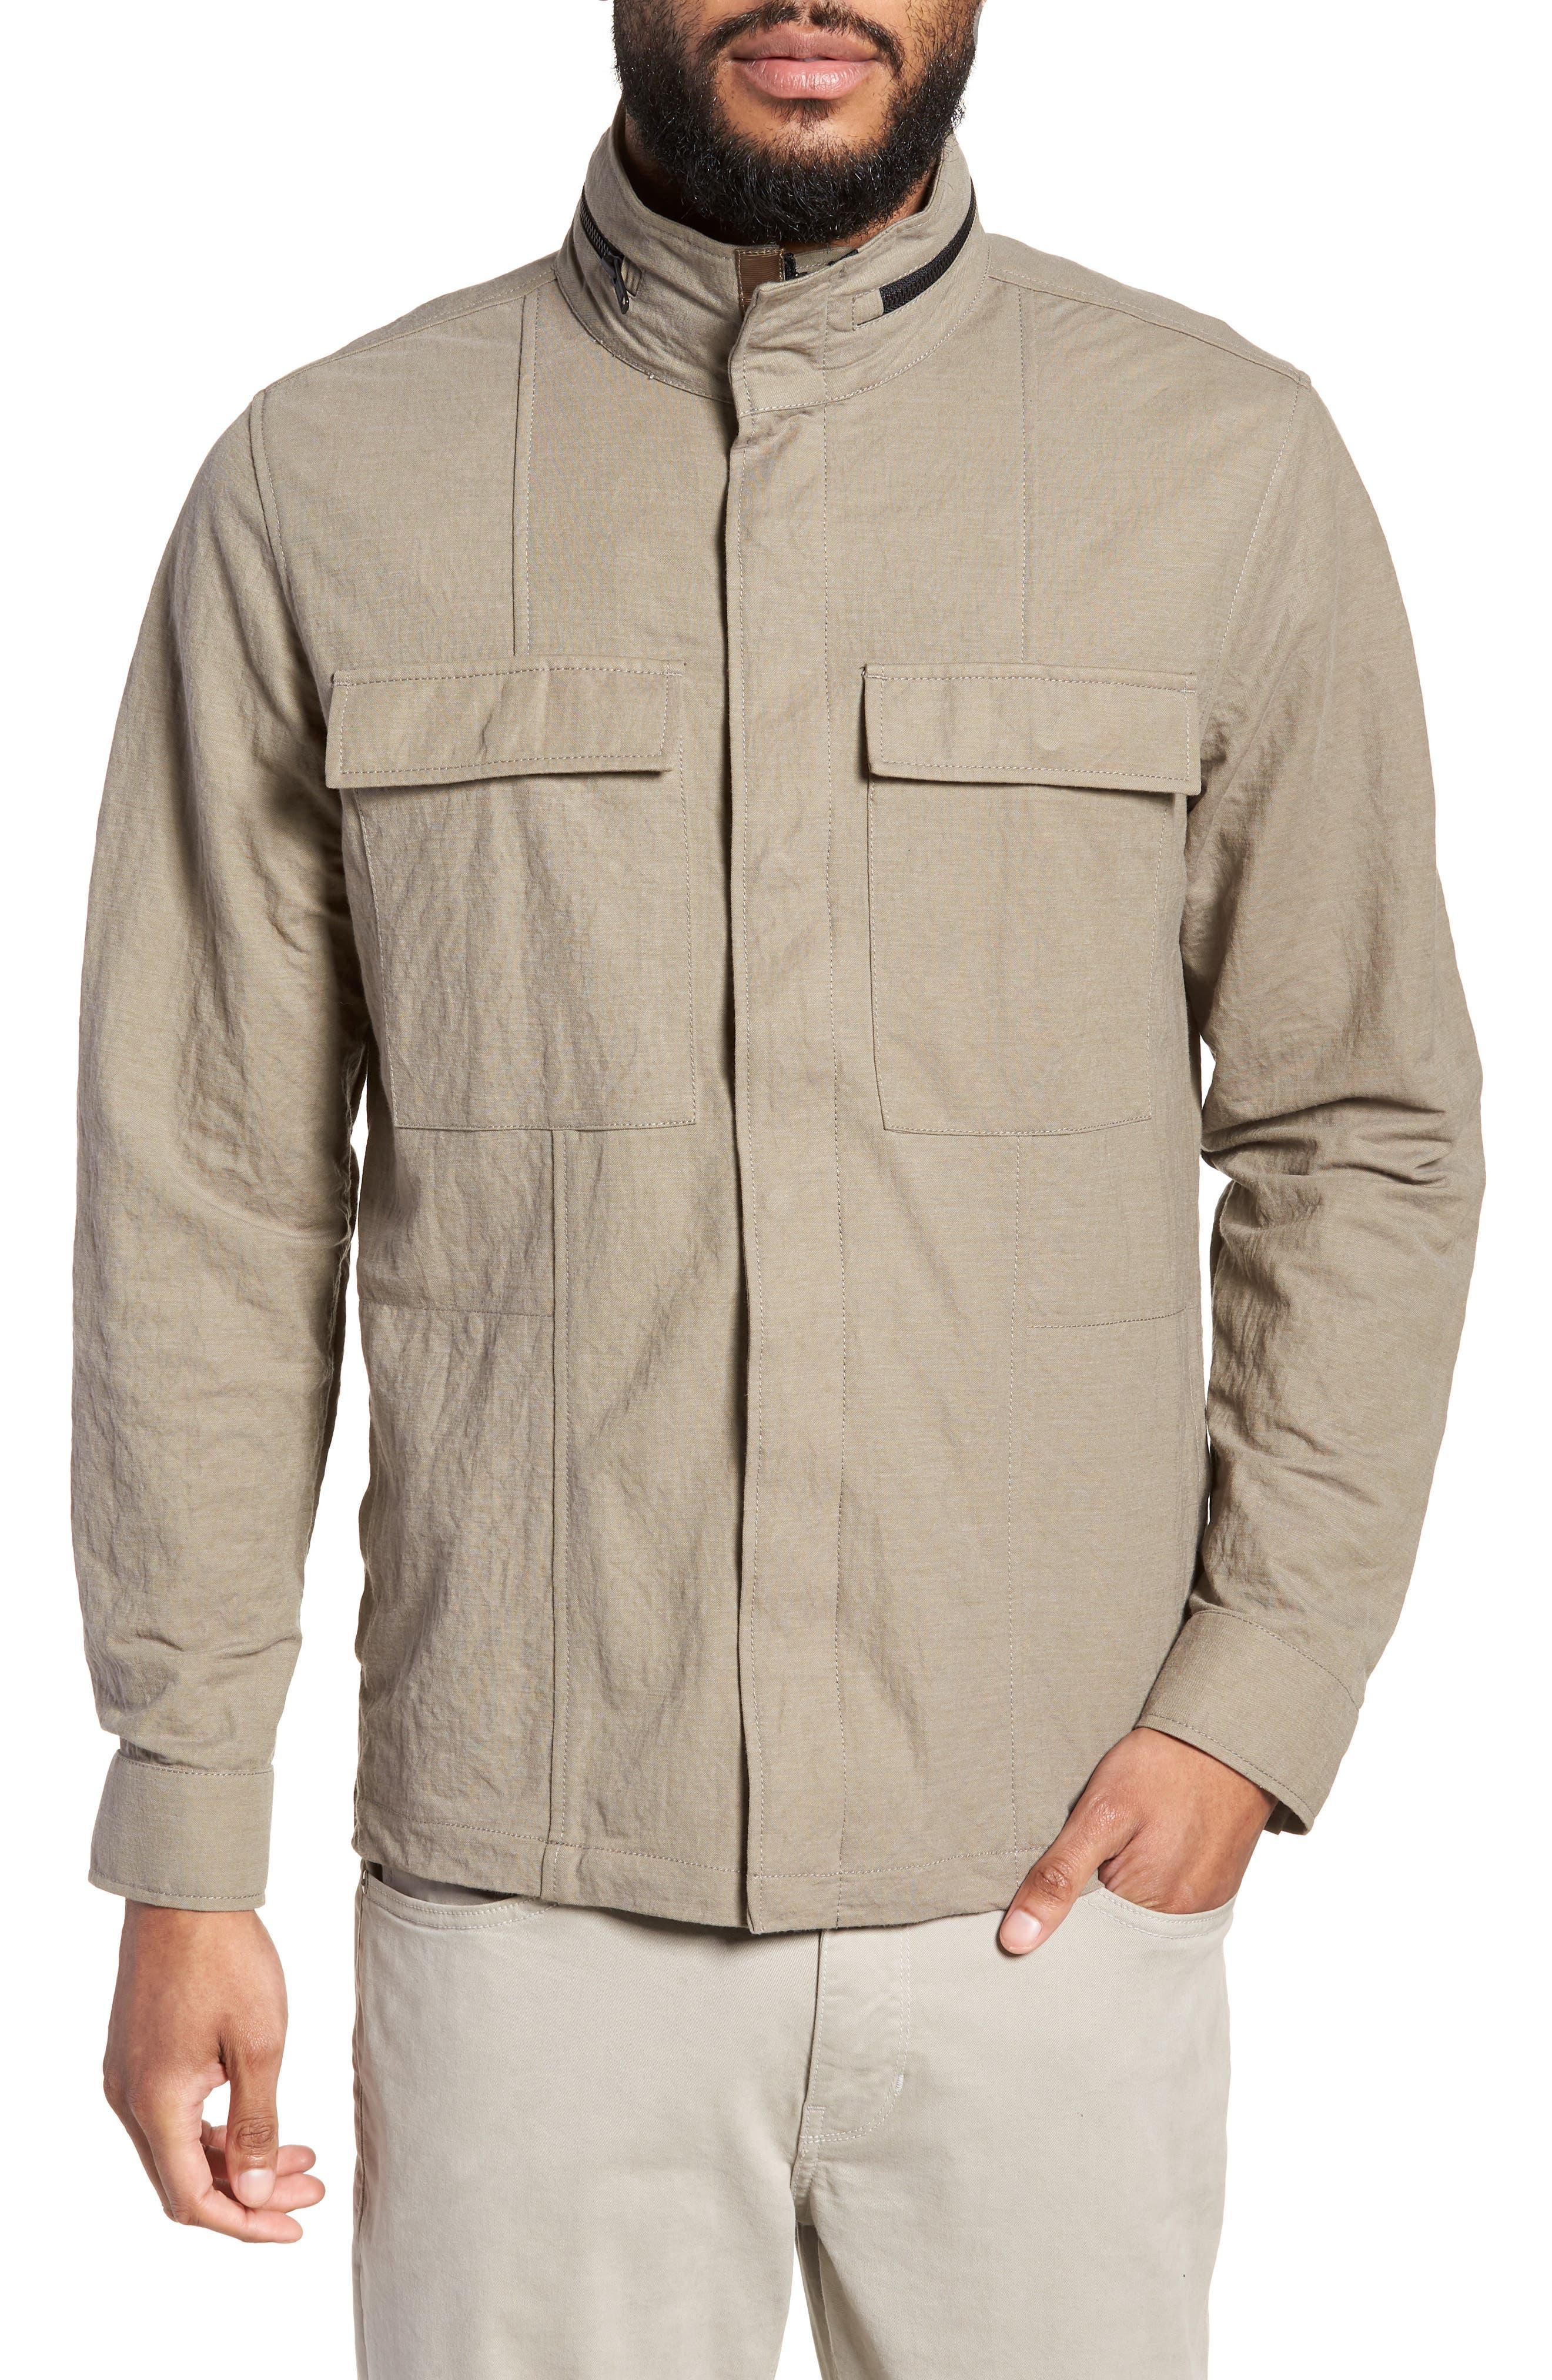 Trim Fit Jacket,                             Alternate thumbnail 4, color,                             250